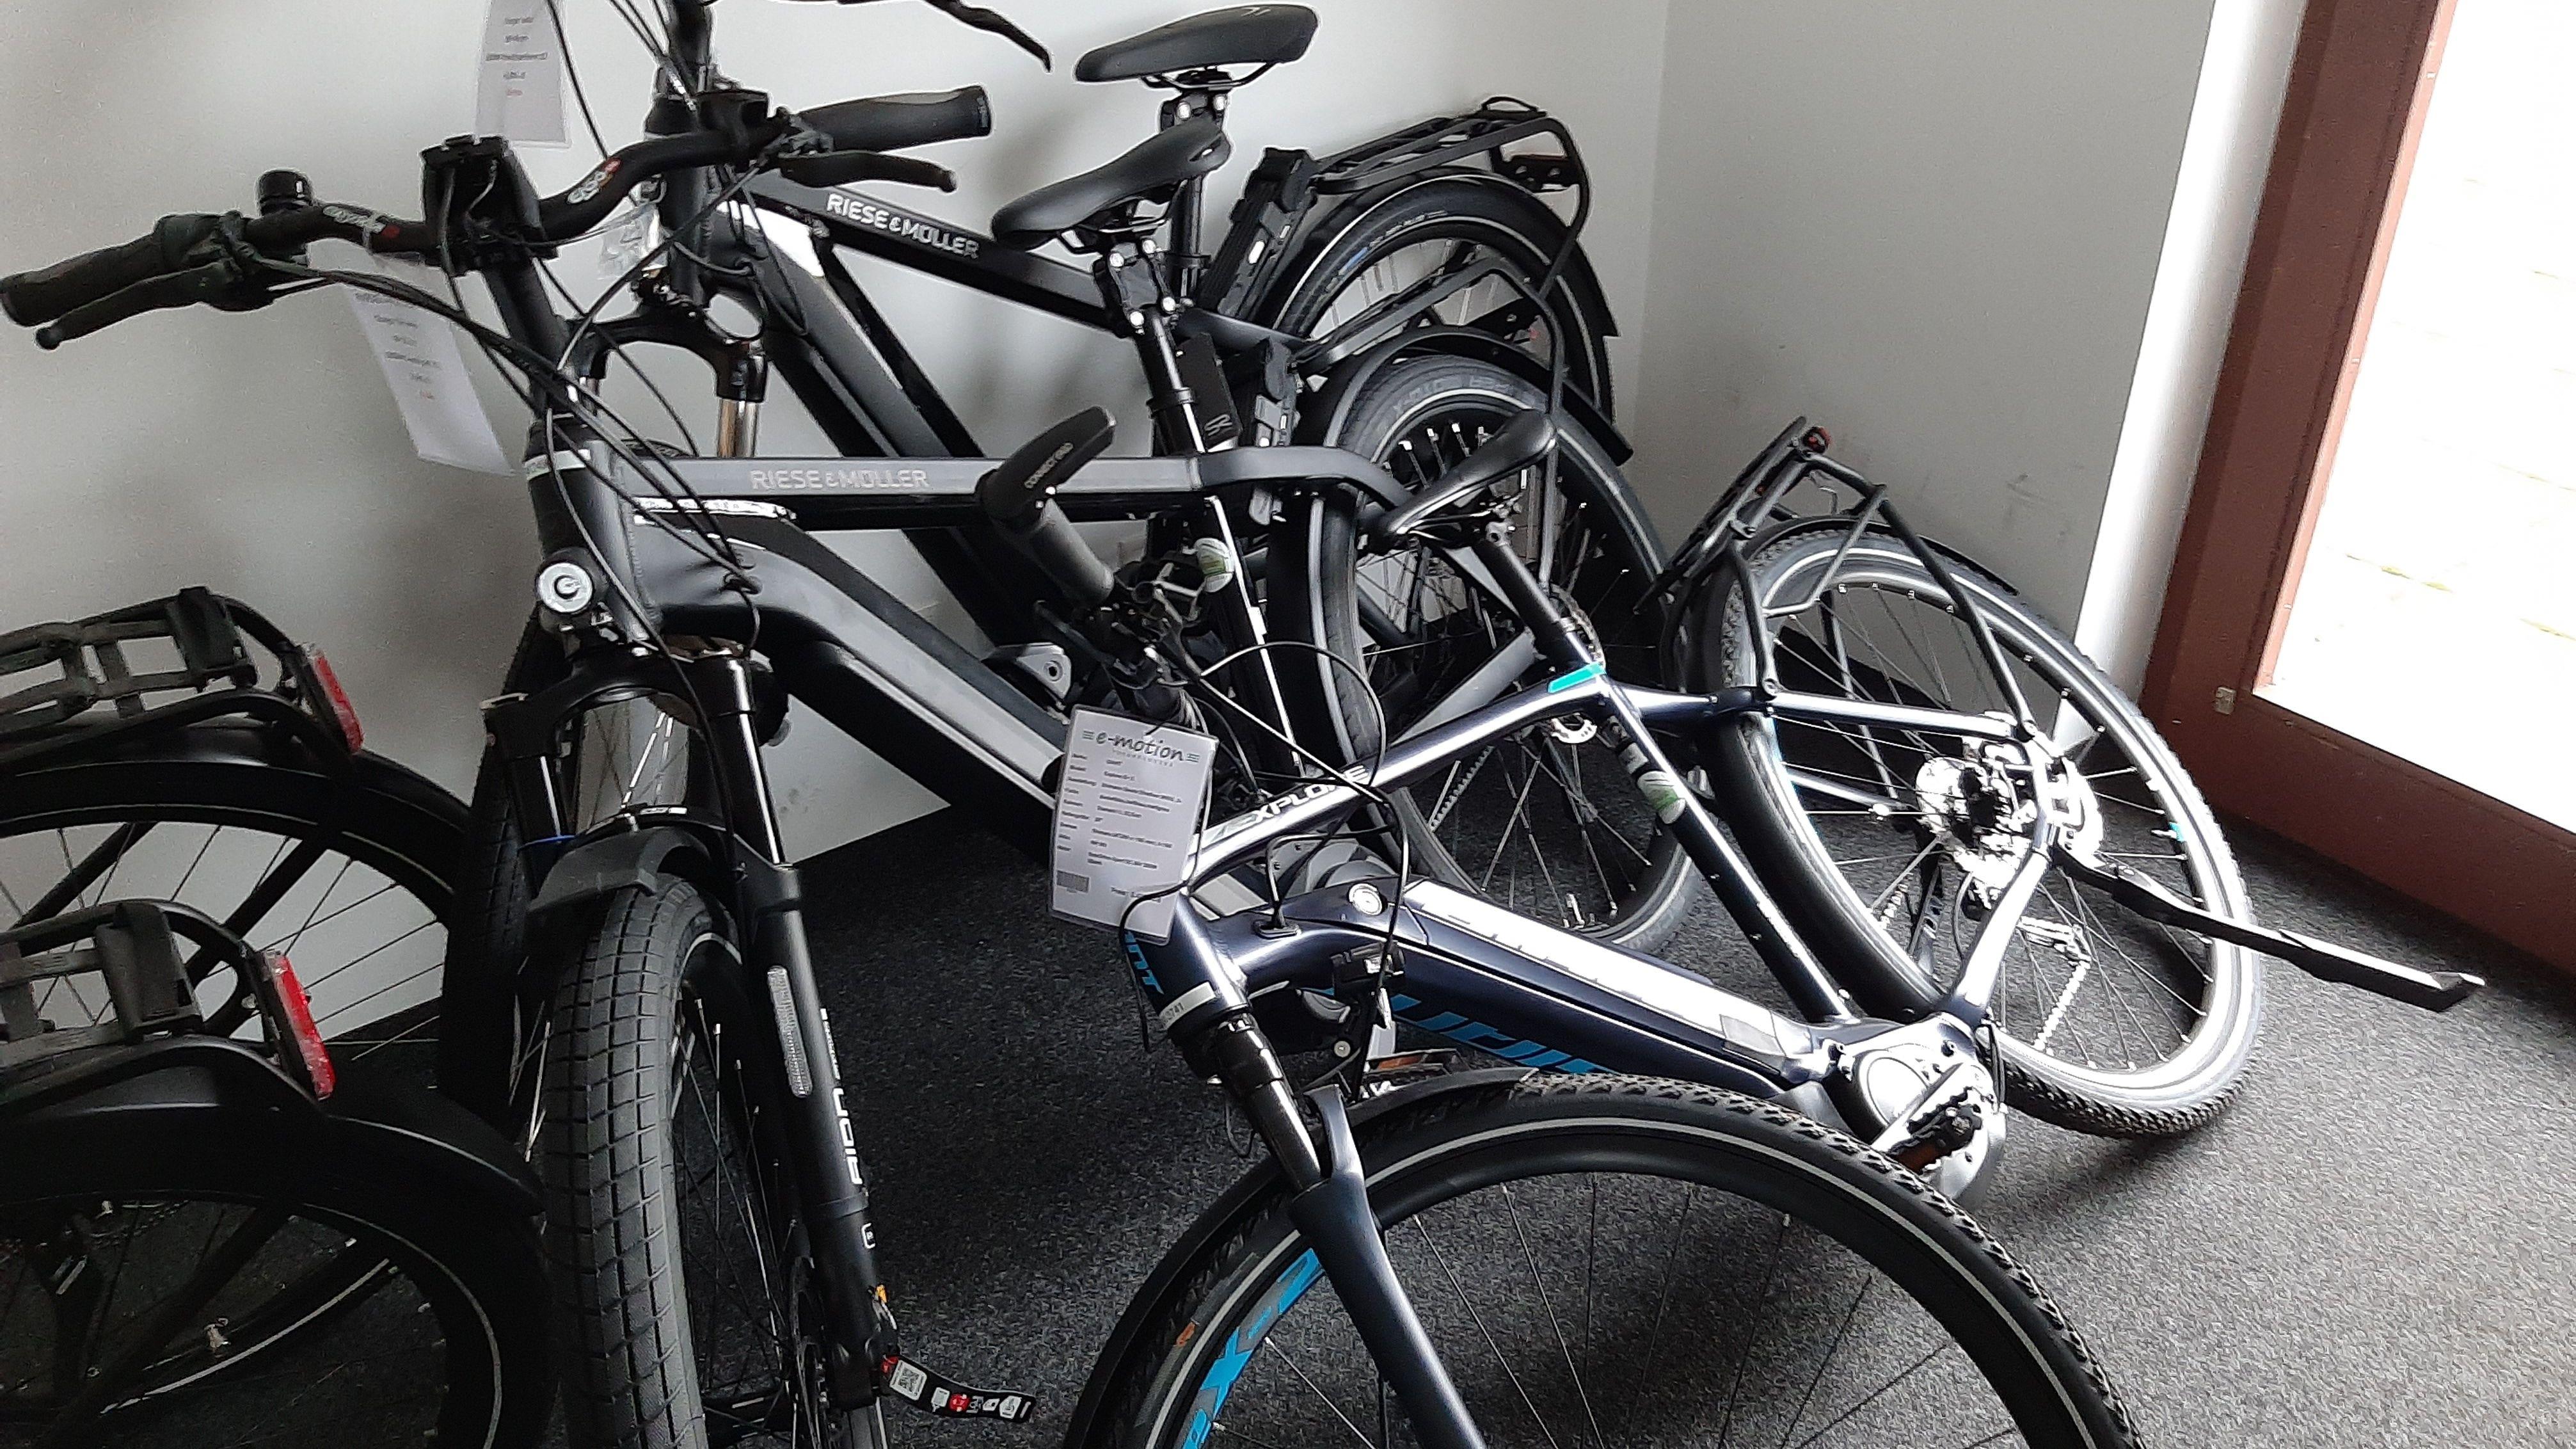 Einbruch in einen Würzburger Fahrradladen